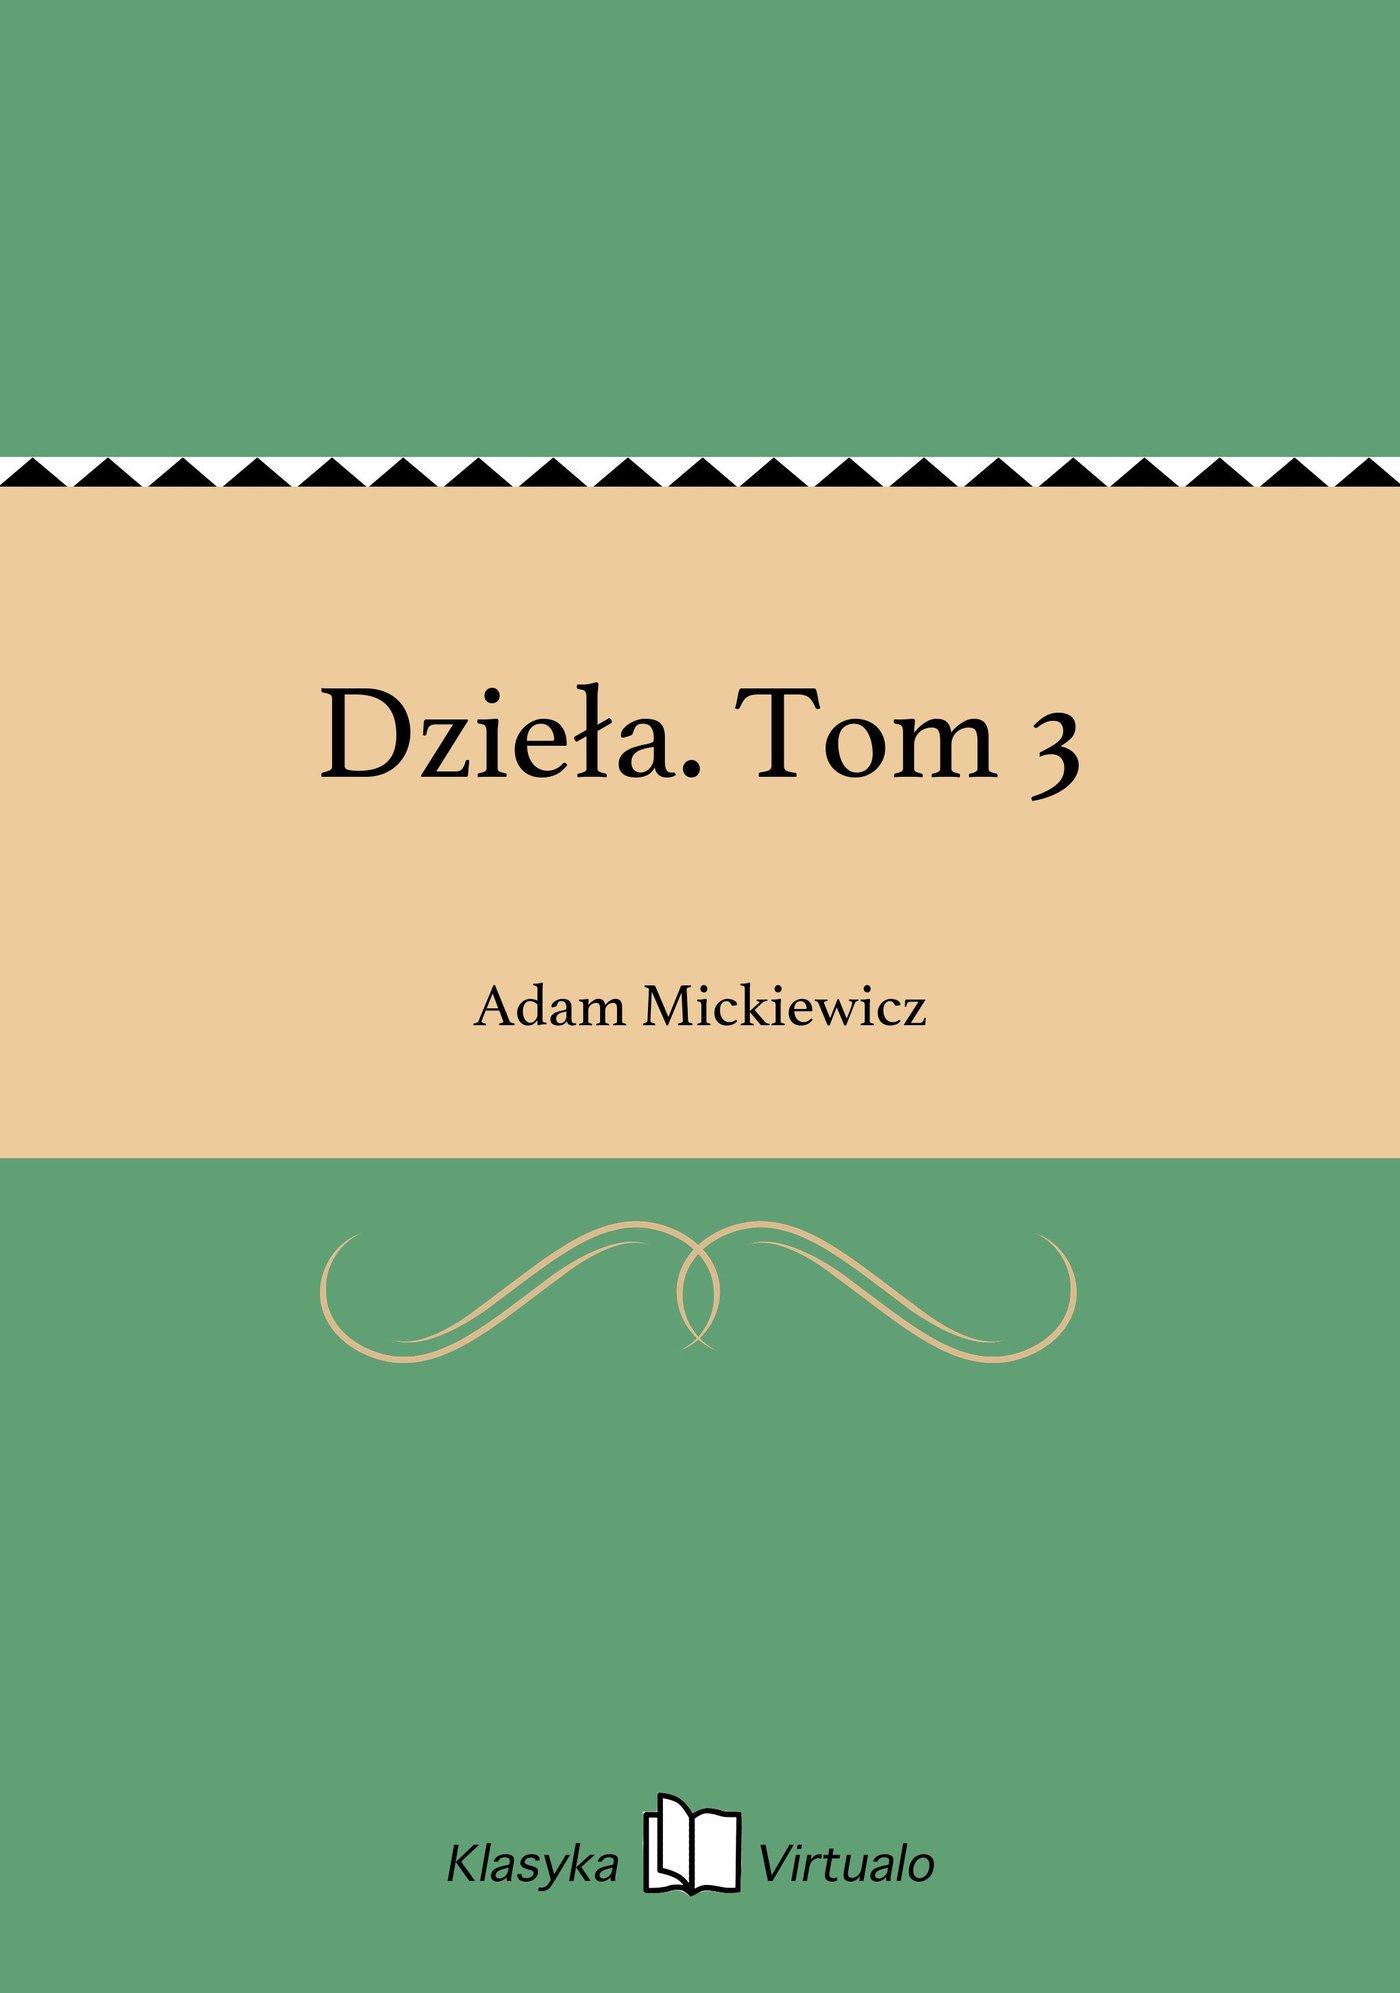 Dzieła. Tom 3 - Ebook (Książka EPUB) do pobrania w formacie EPUB